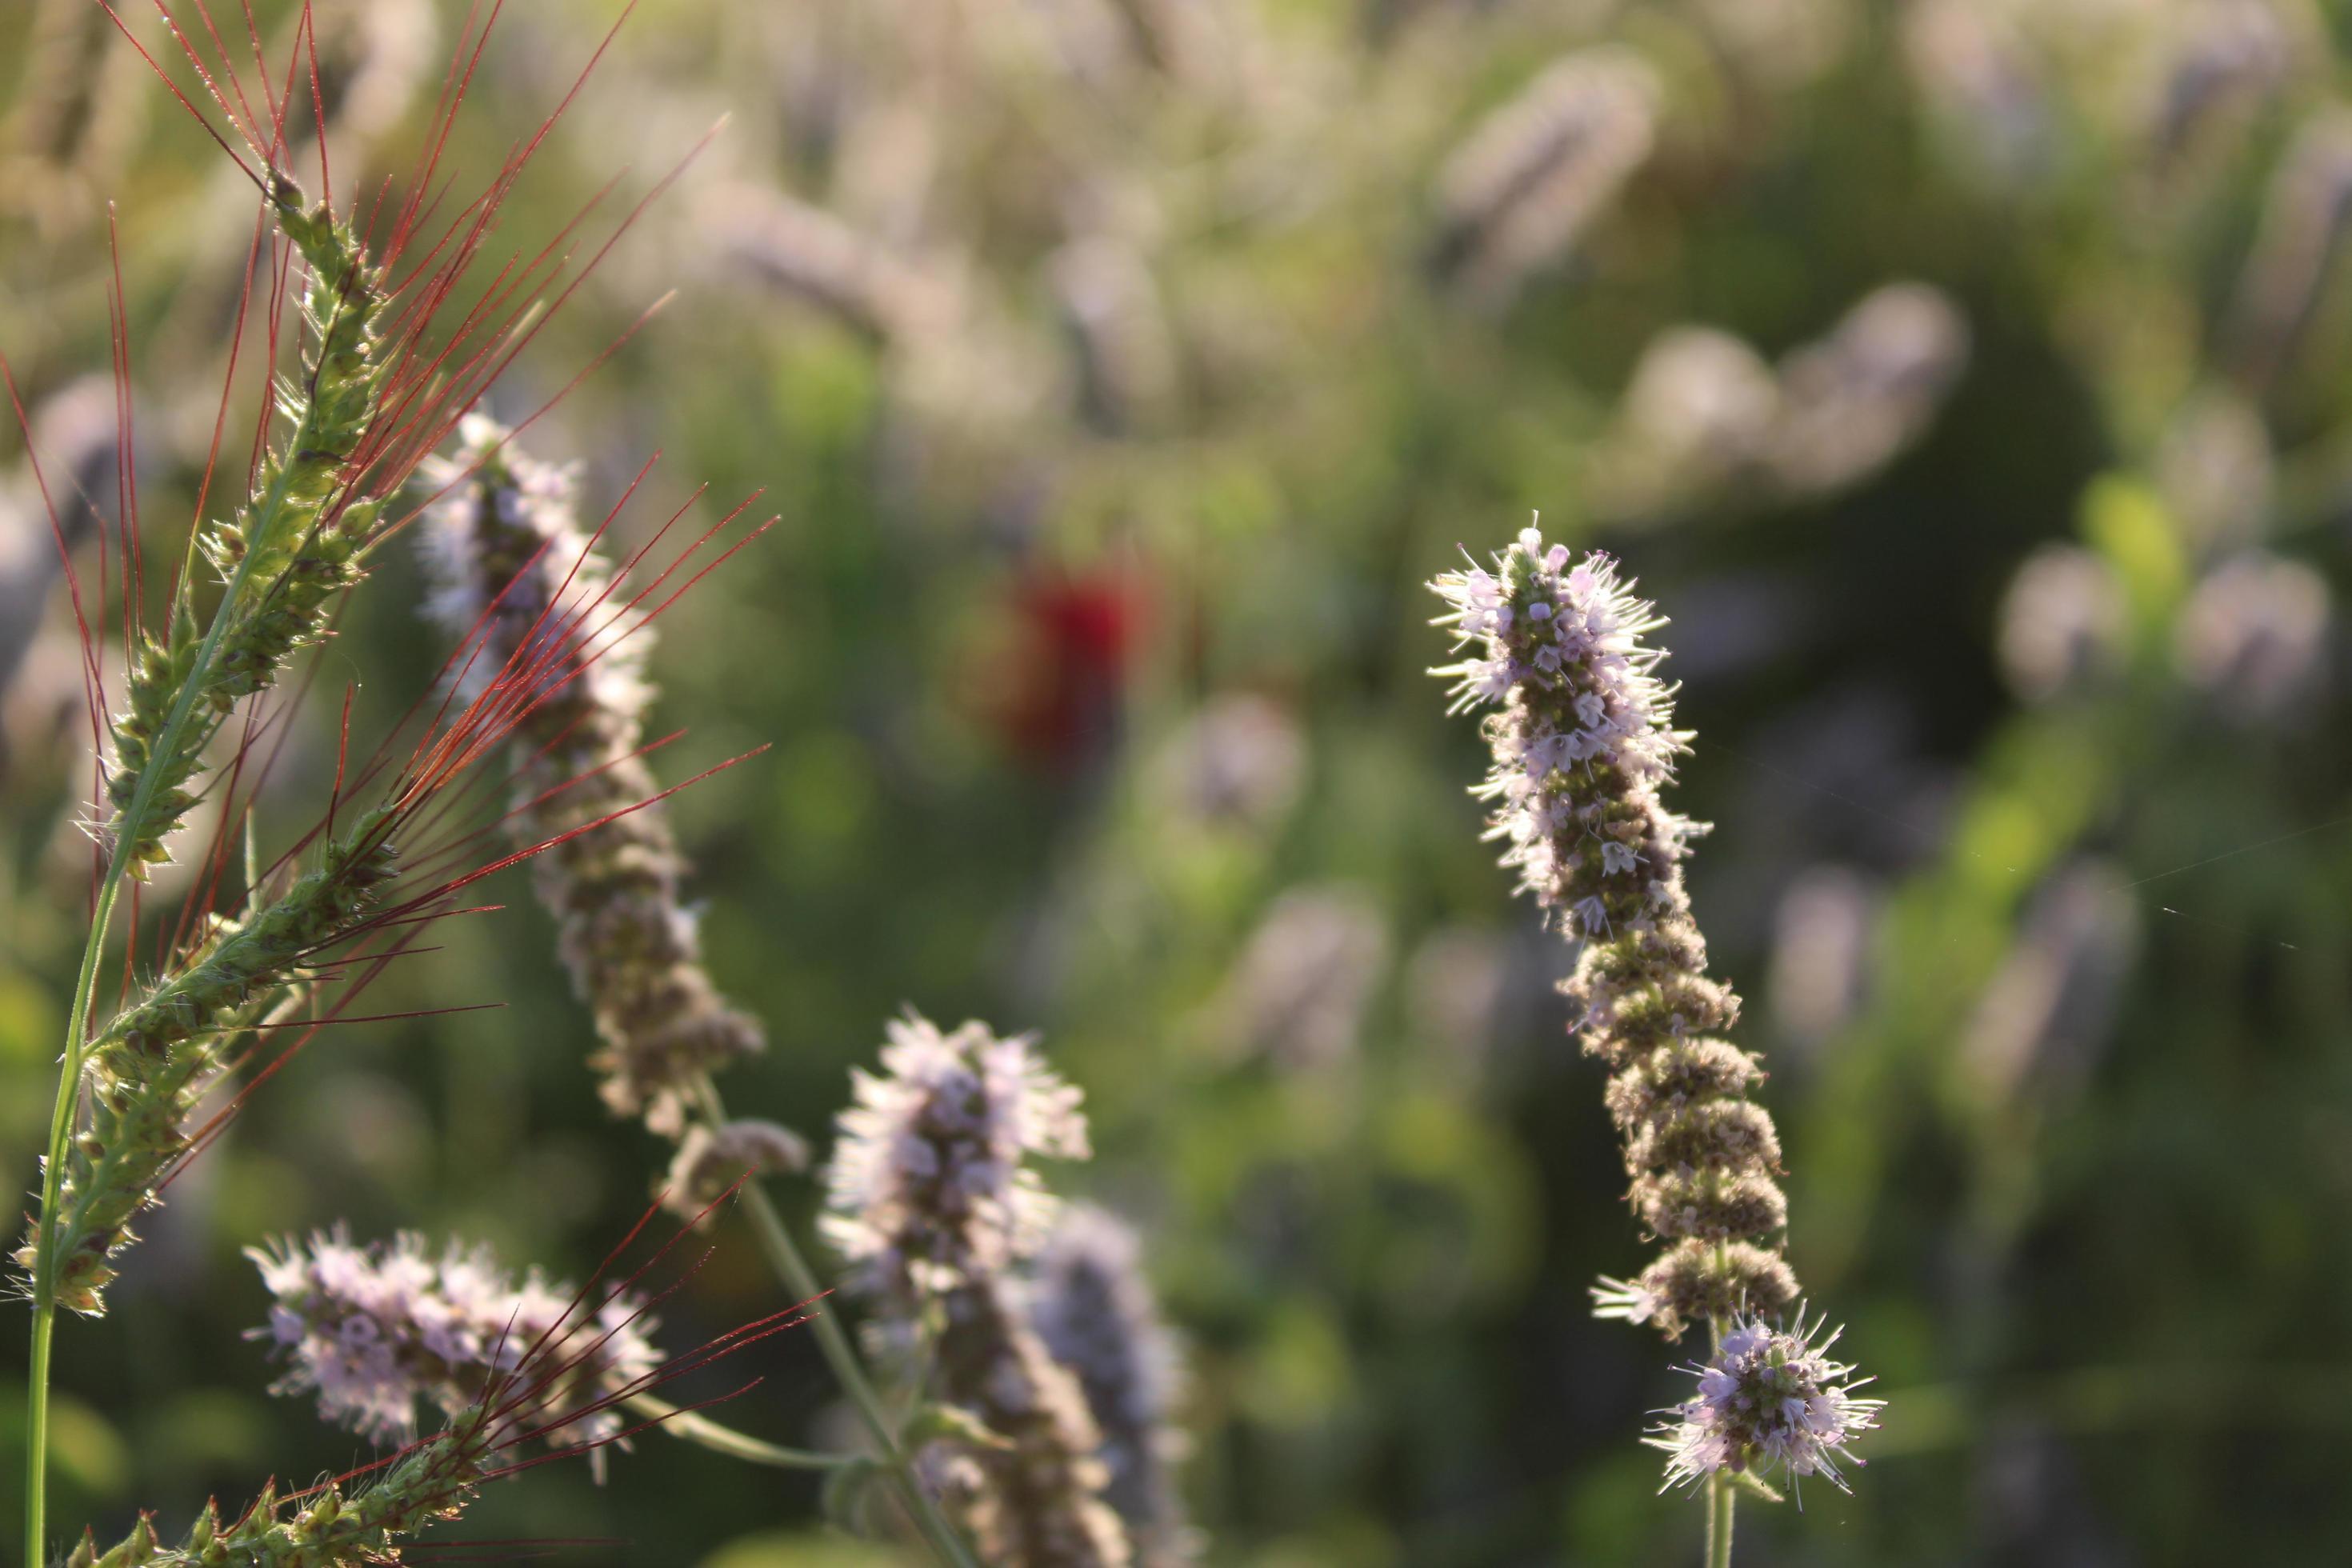 plante de lavande au printemps avec des